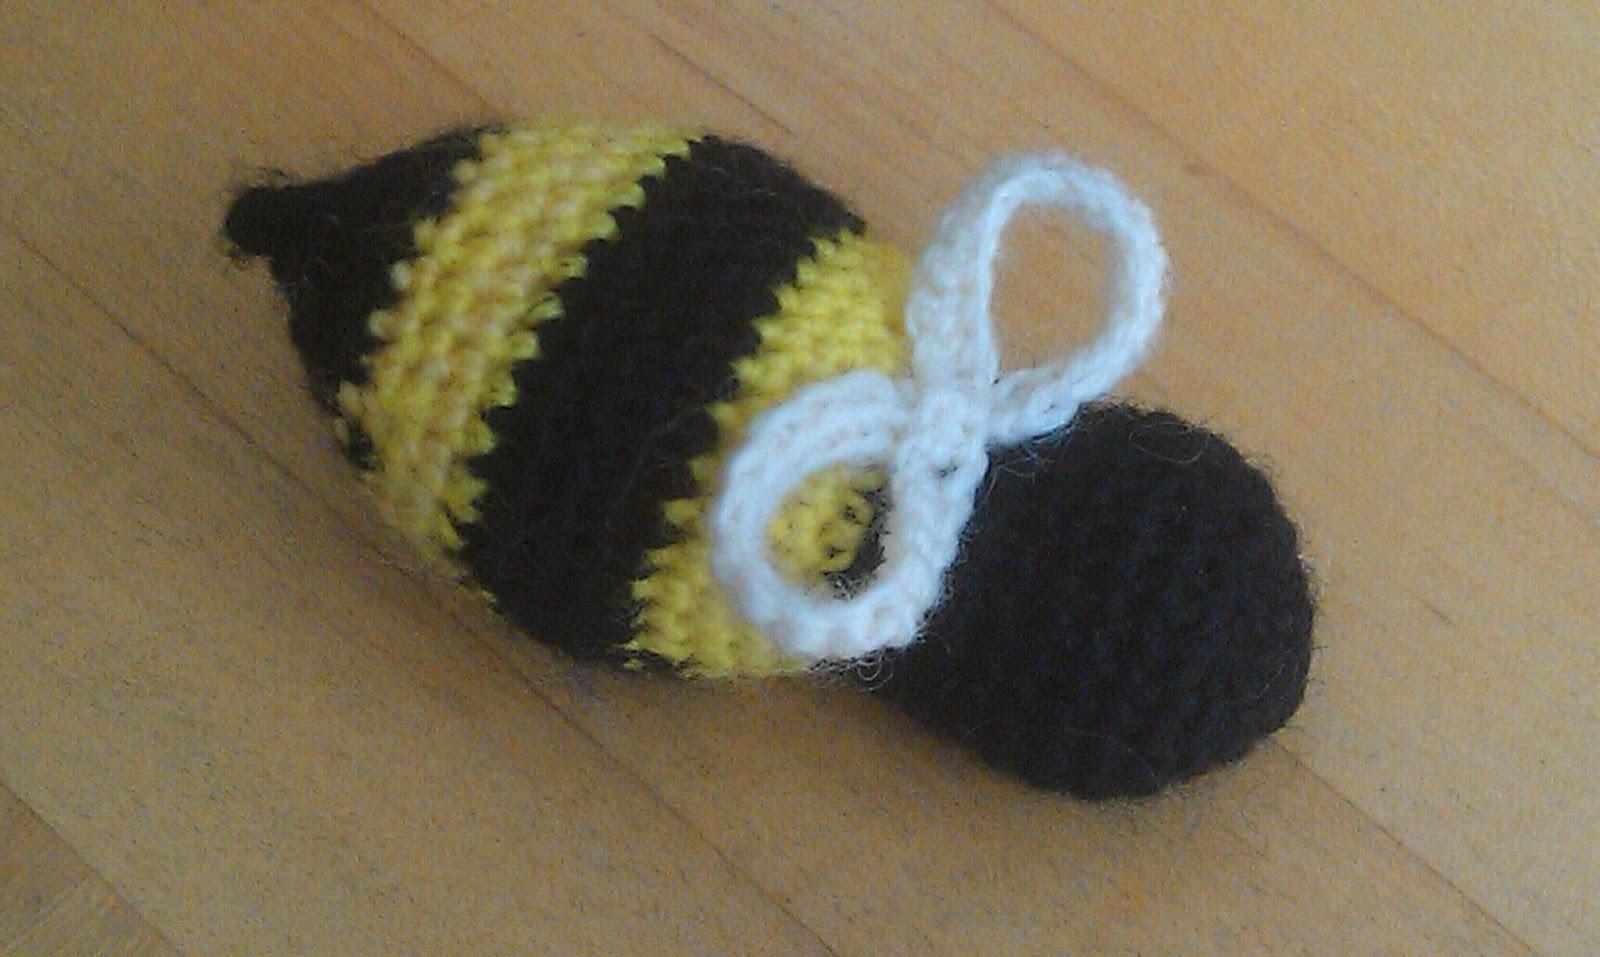 ChemKnits: Bumble Bee Buddy Crochet Pattern